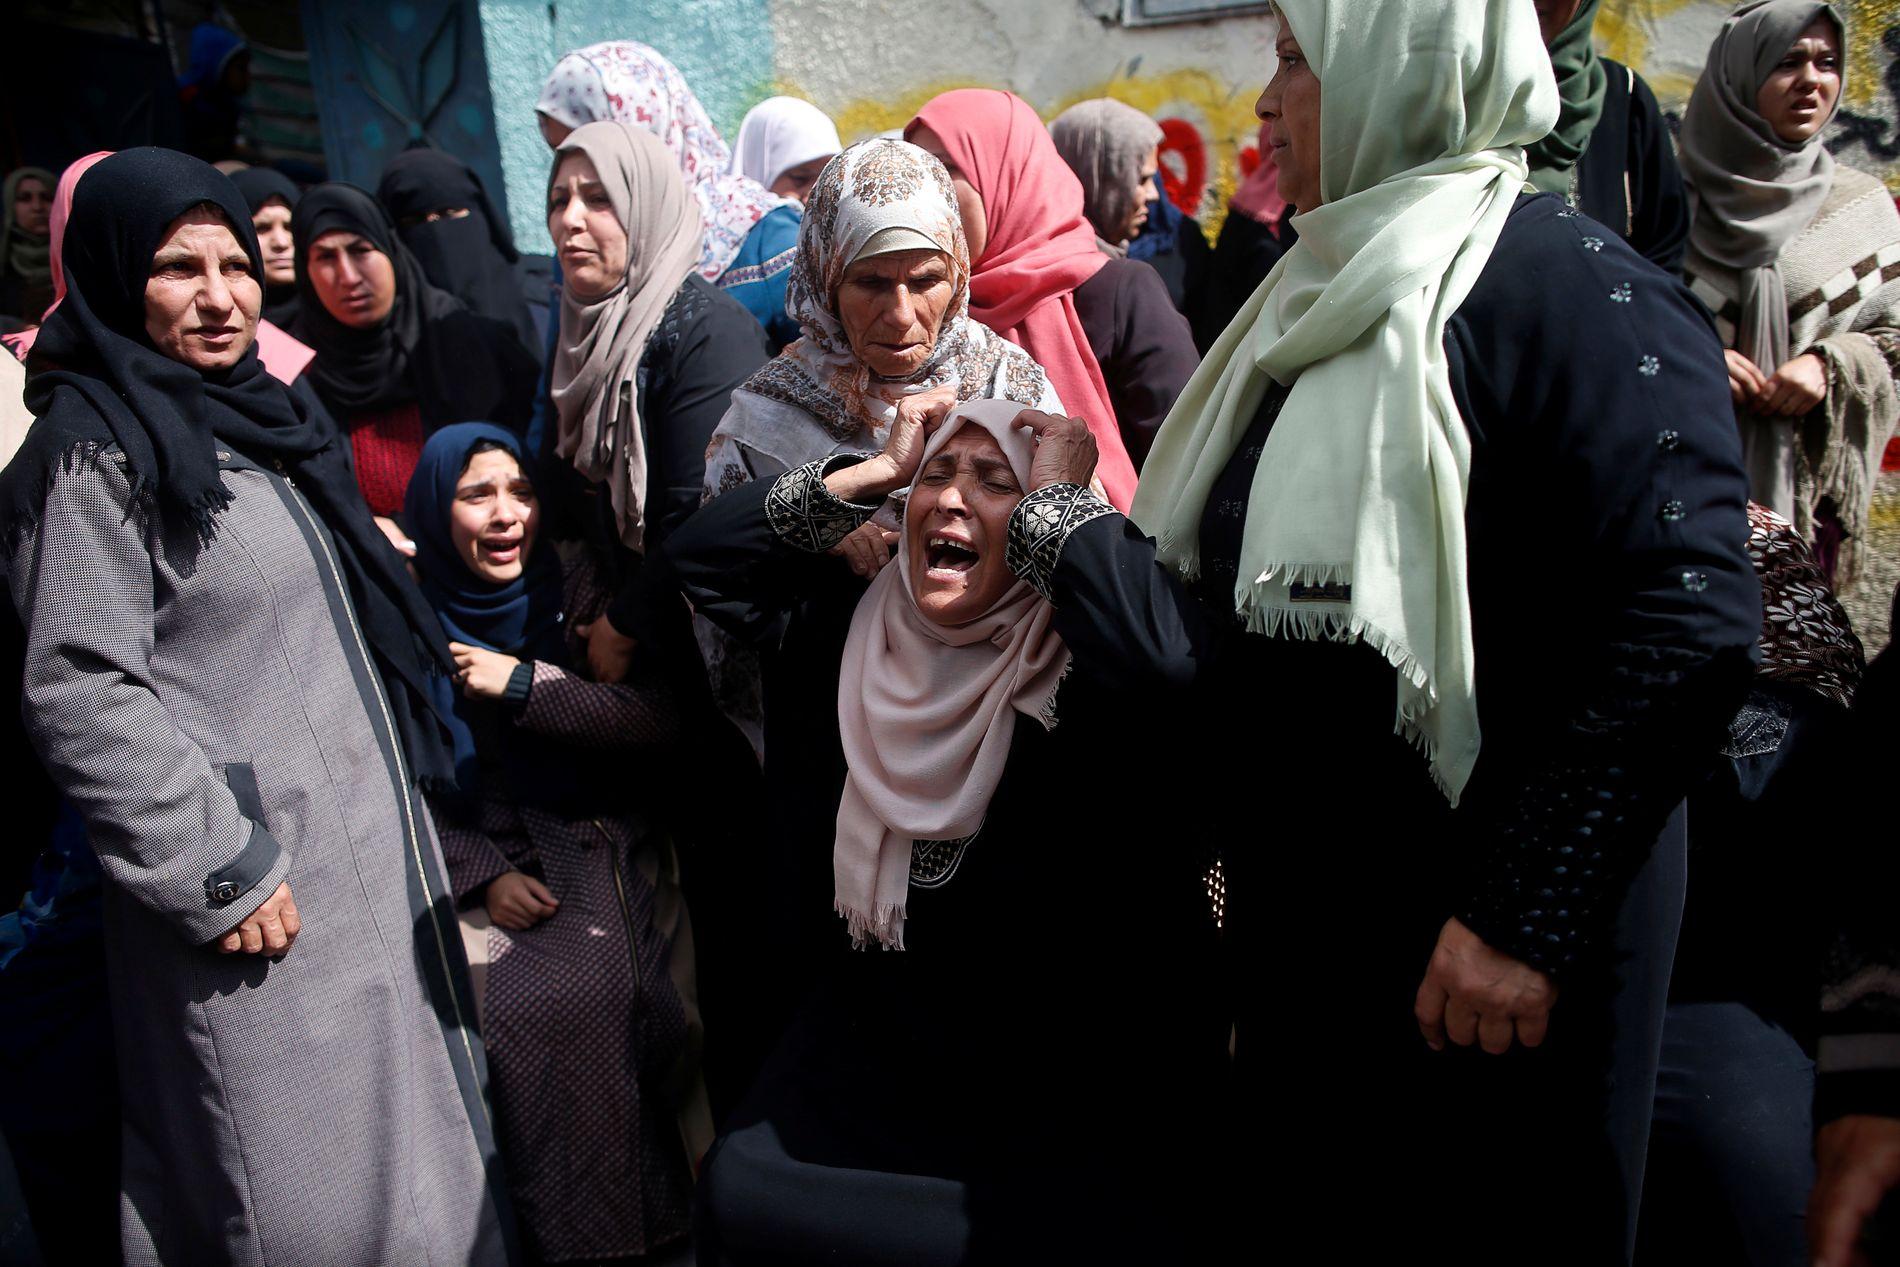 I SORG: Slektninger begraver den palestinske Hamdan Abu Amshah, blant de drepte under demonstrasjonen fredag 30. mars, i byen Beit Hanoun på Gazastripen.